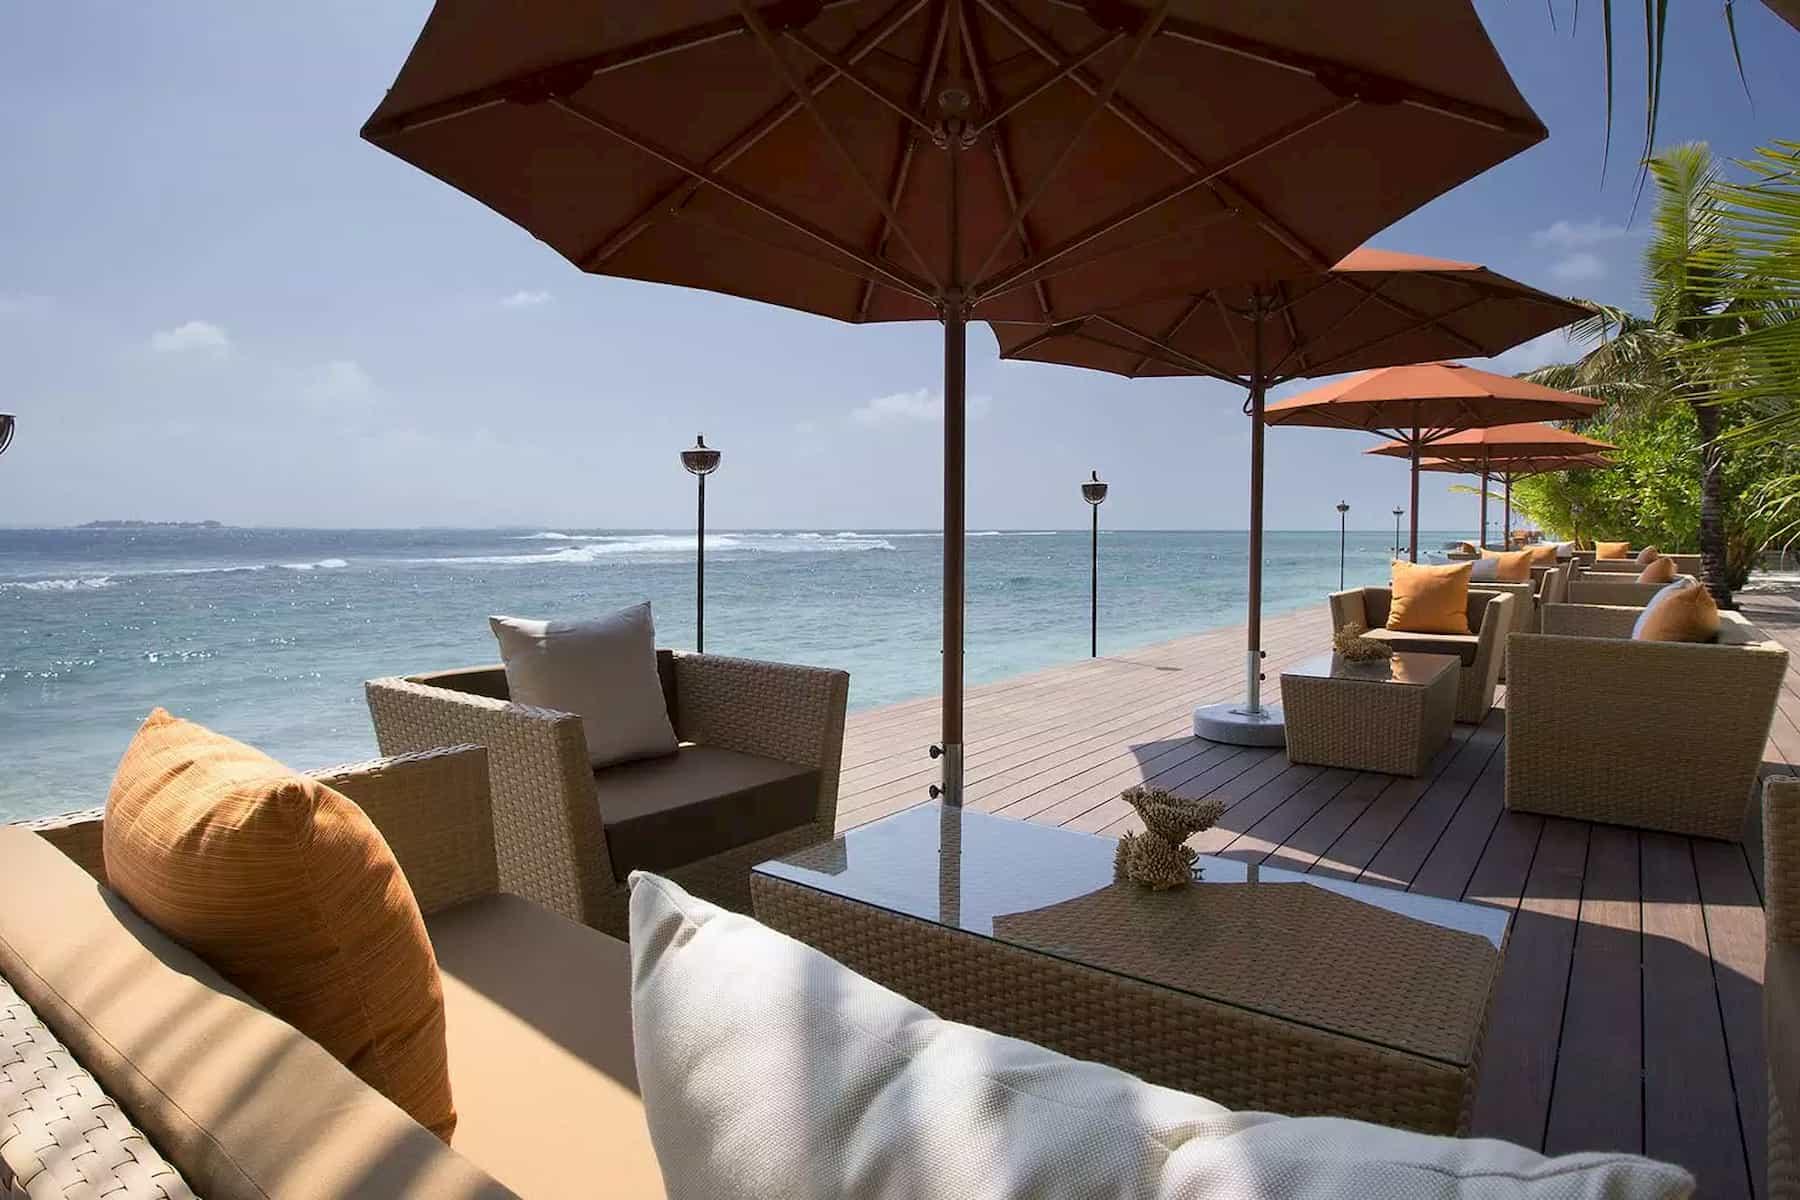 Anantara Veli Resort Maldive ristorante 73 Degree cucina internazionale